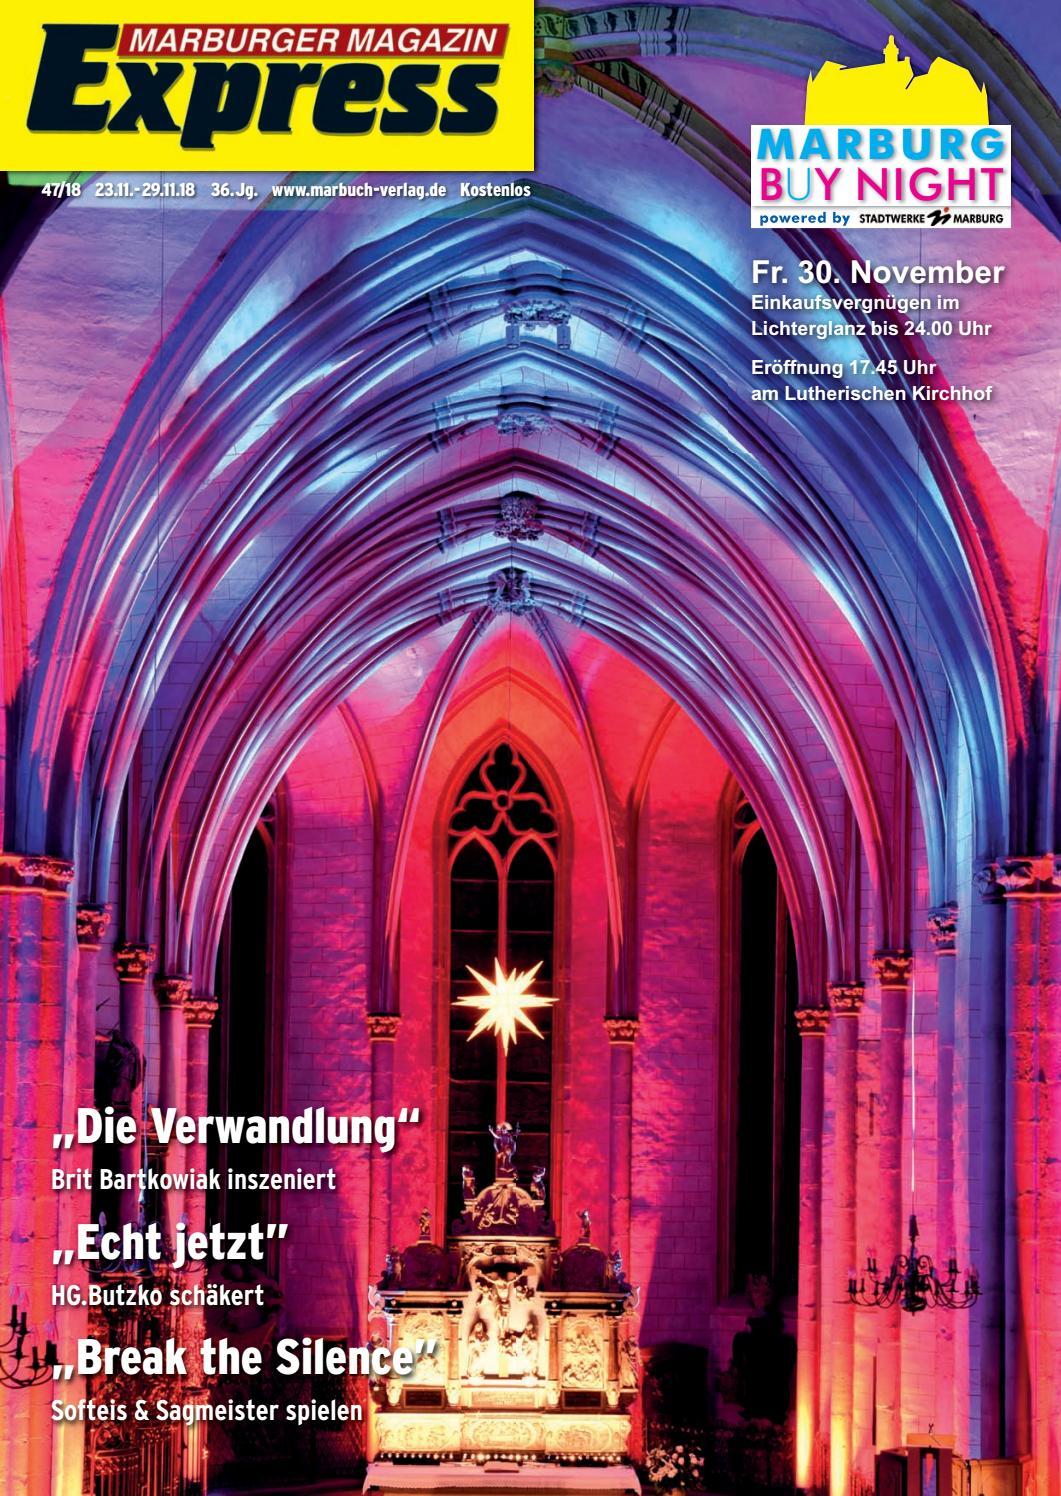 Marburger Magazin Express 8/8 by Ulrich Butterweck   issuu